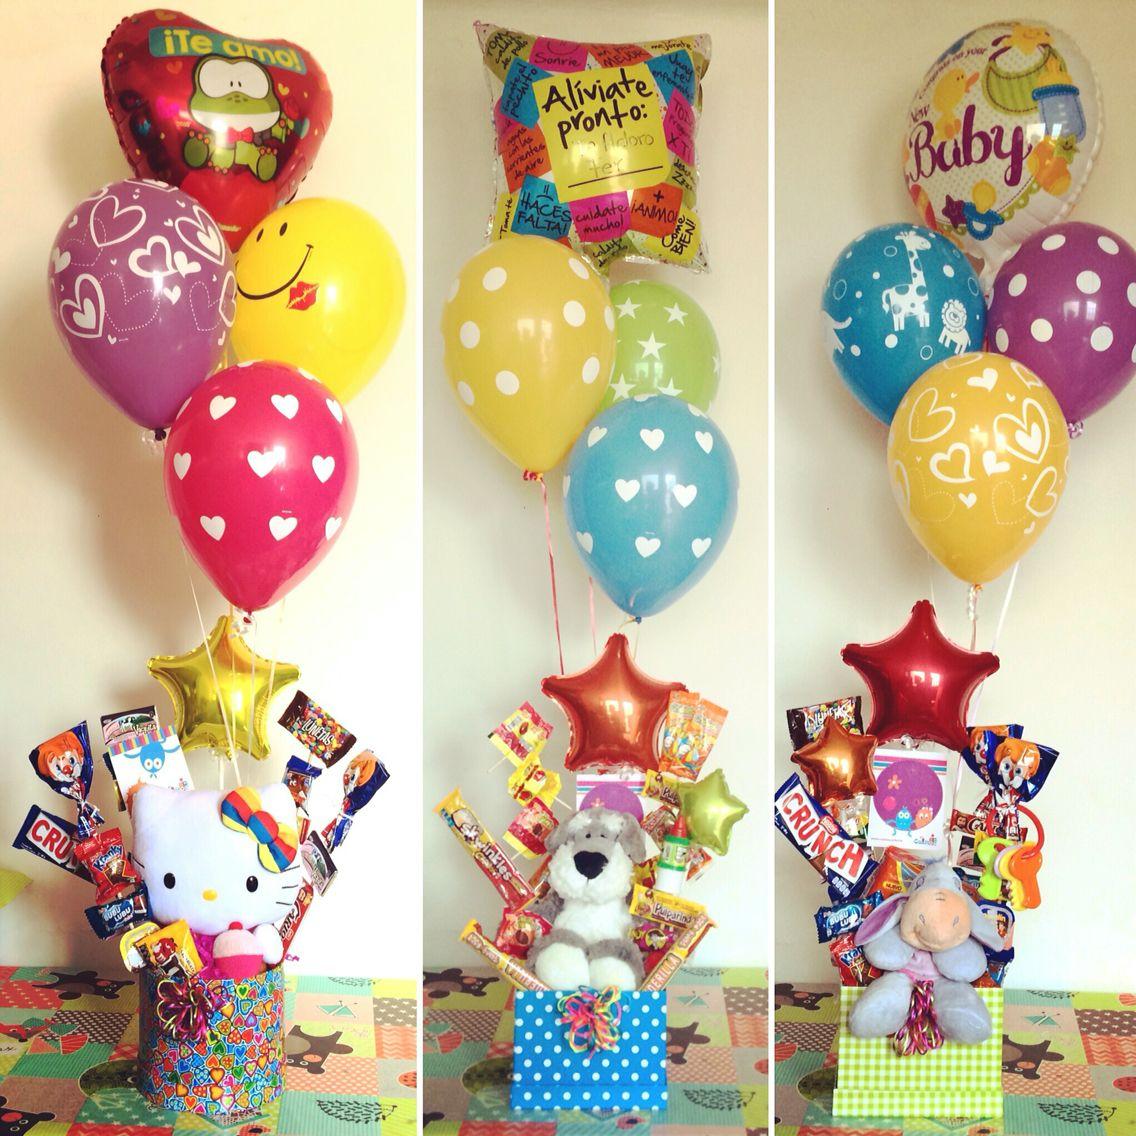 Amor, cumpleaños, nuevo bebé, enfermitos y más ocasiones con Cositos!